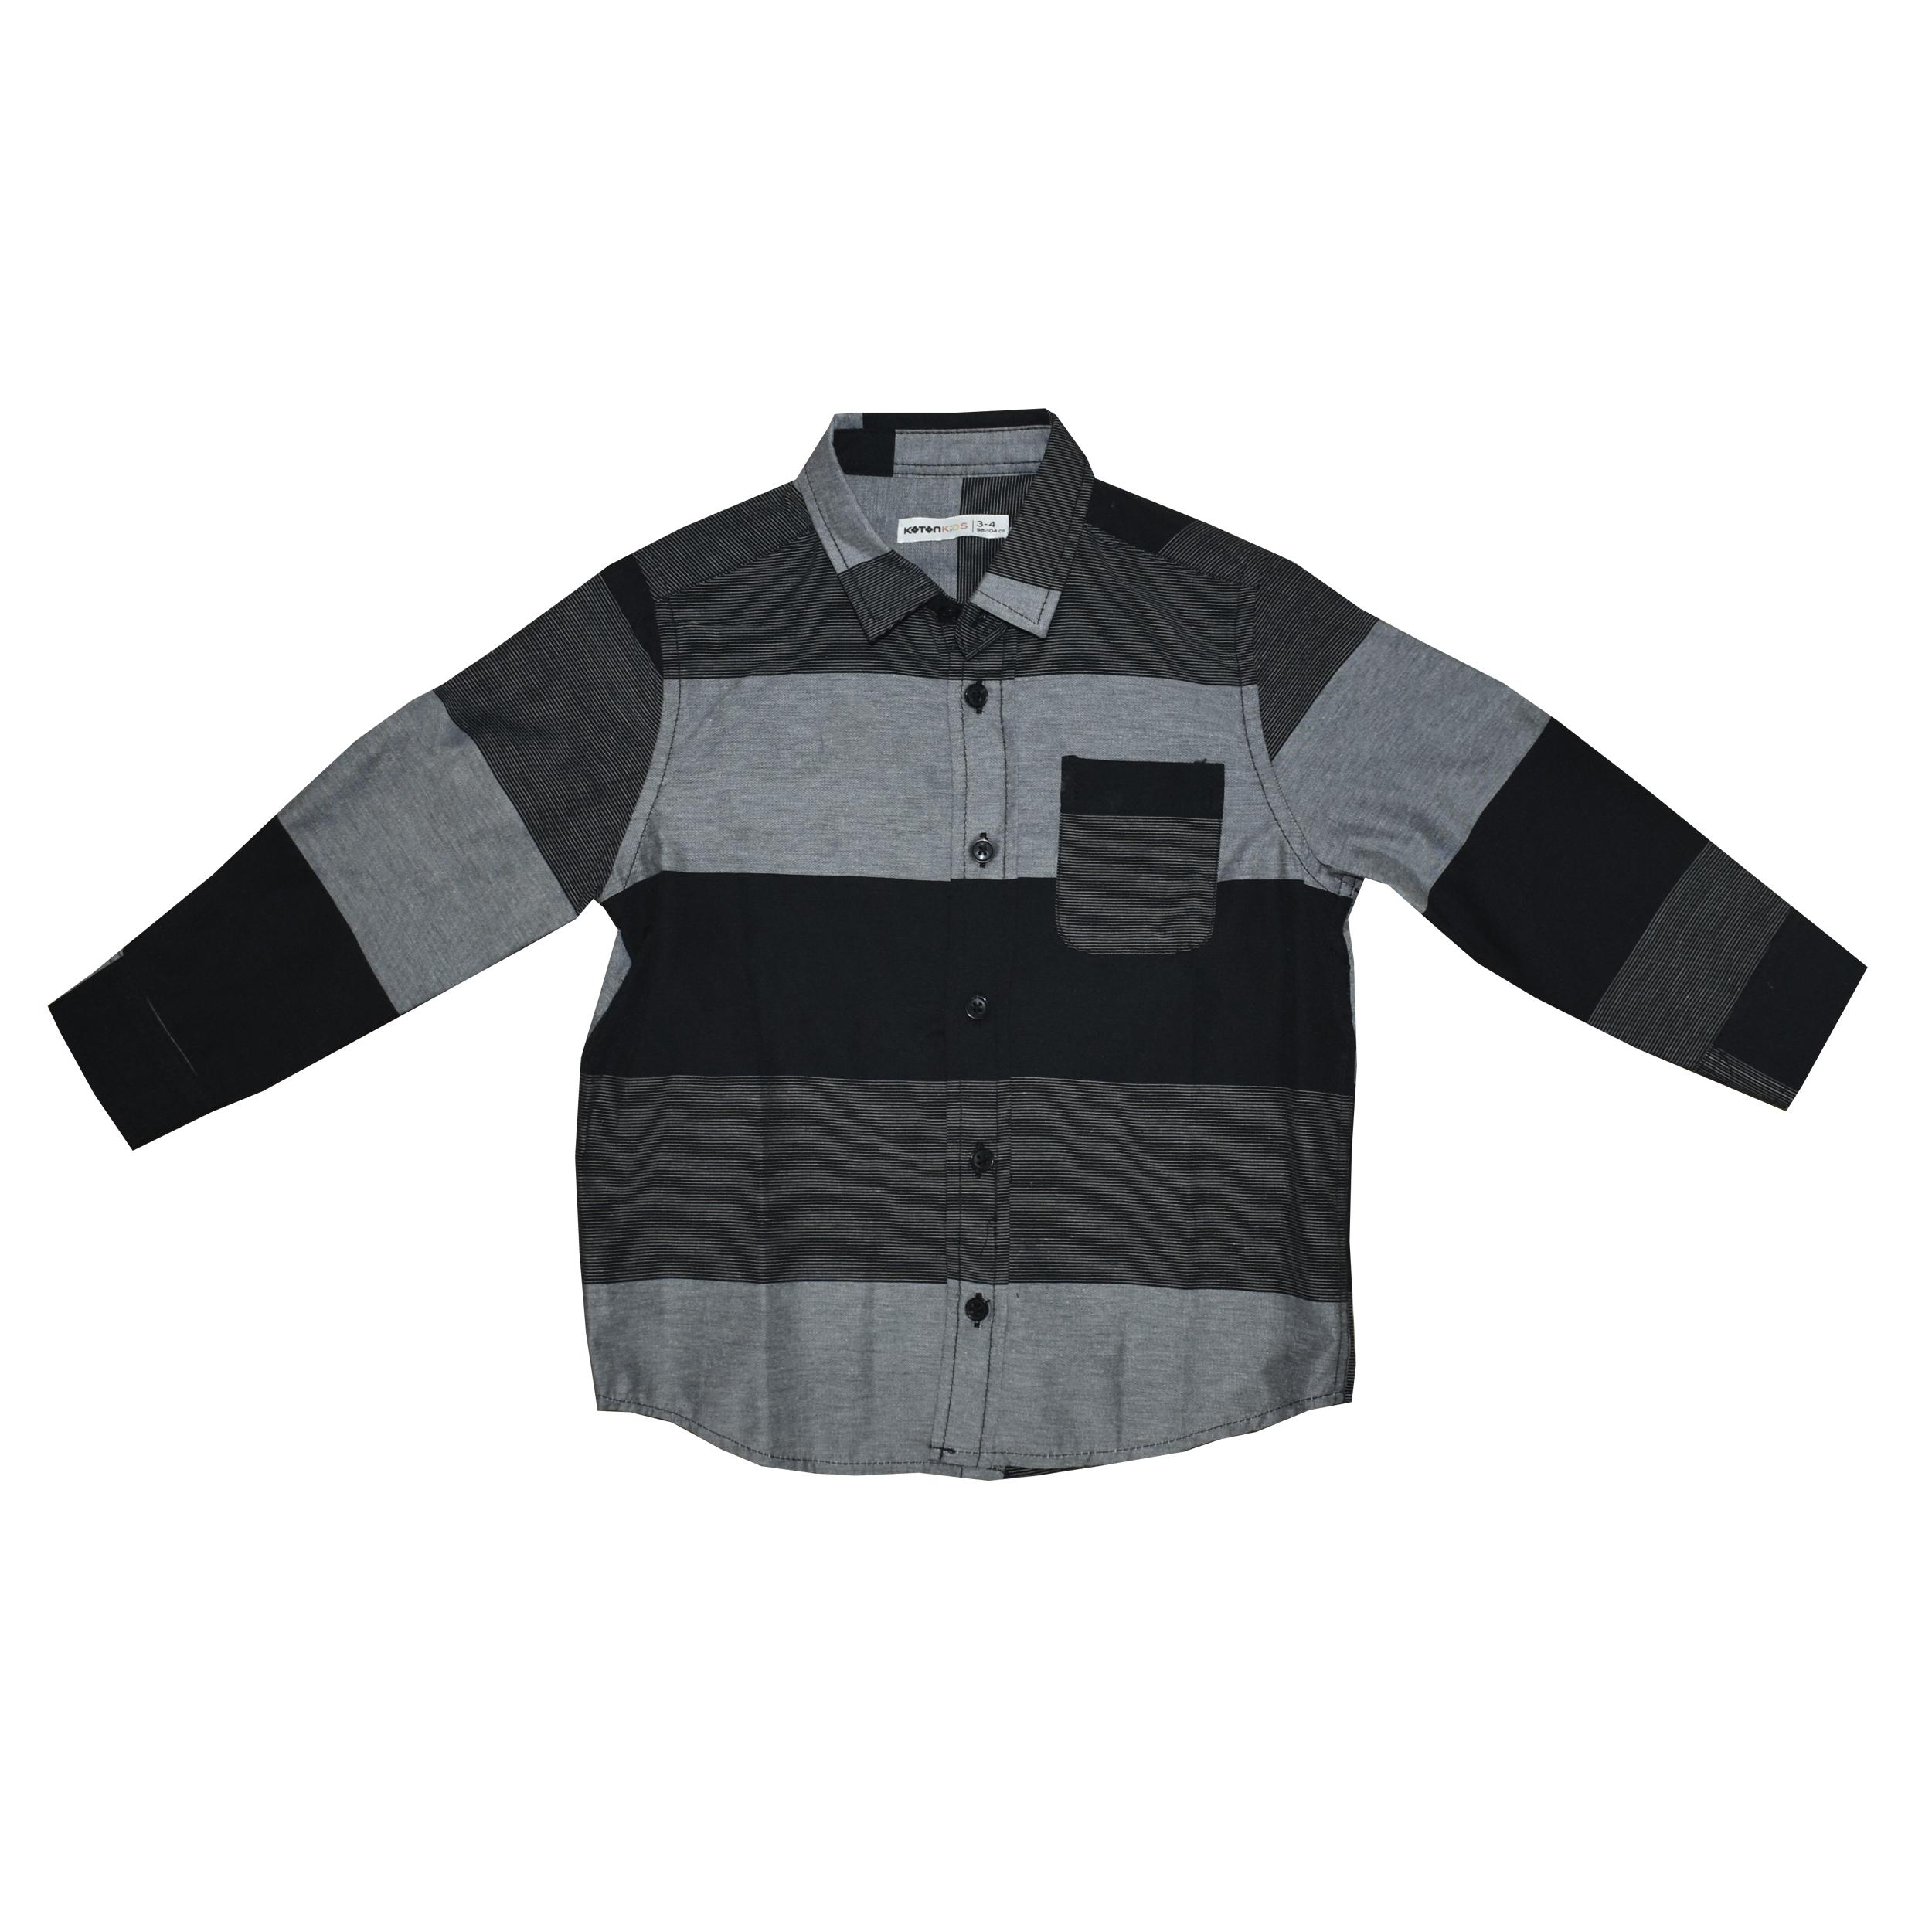 پیراهن نوزادی پسرانه  کوتون مدل DFR-8448 thumb 2 1